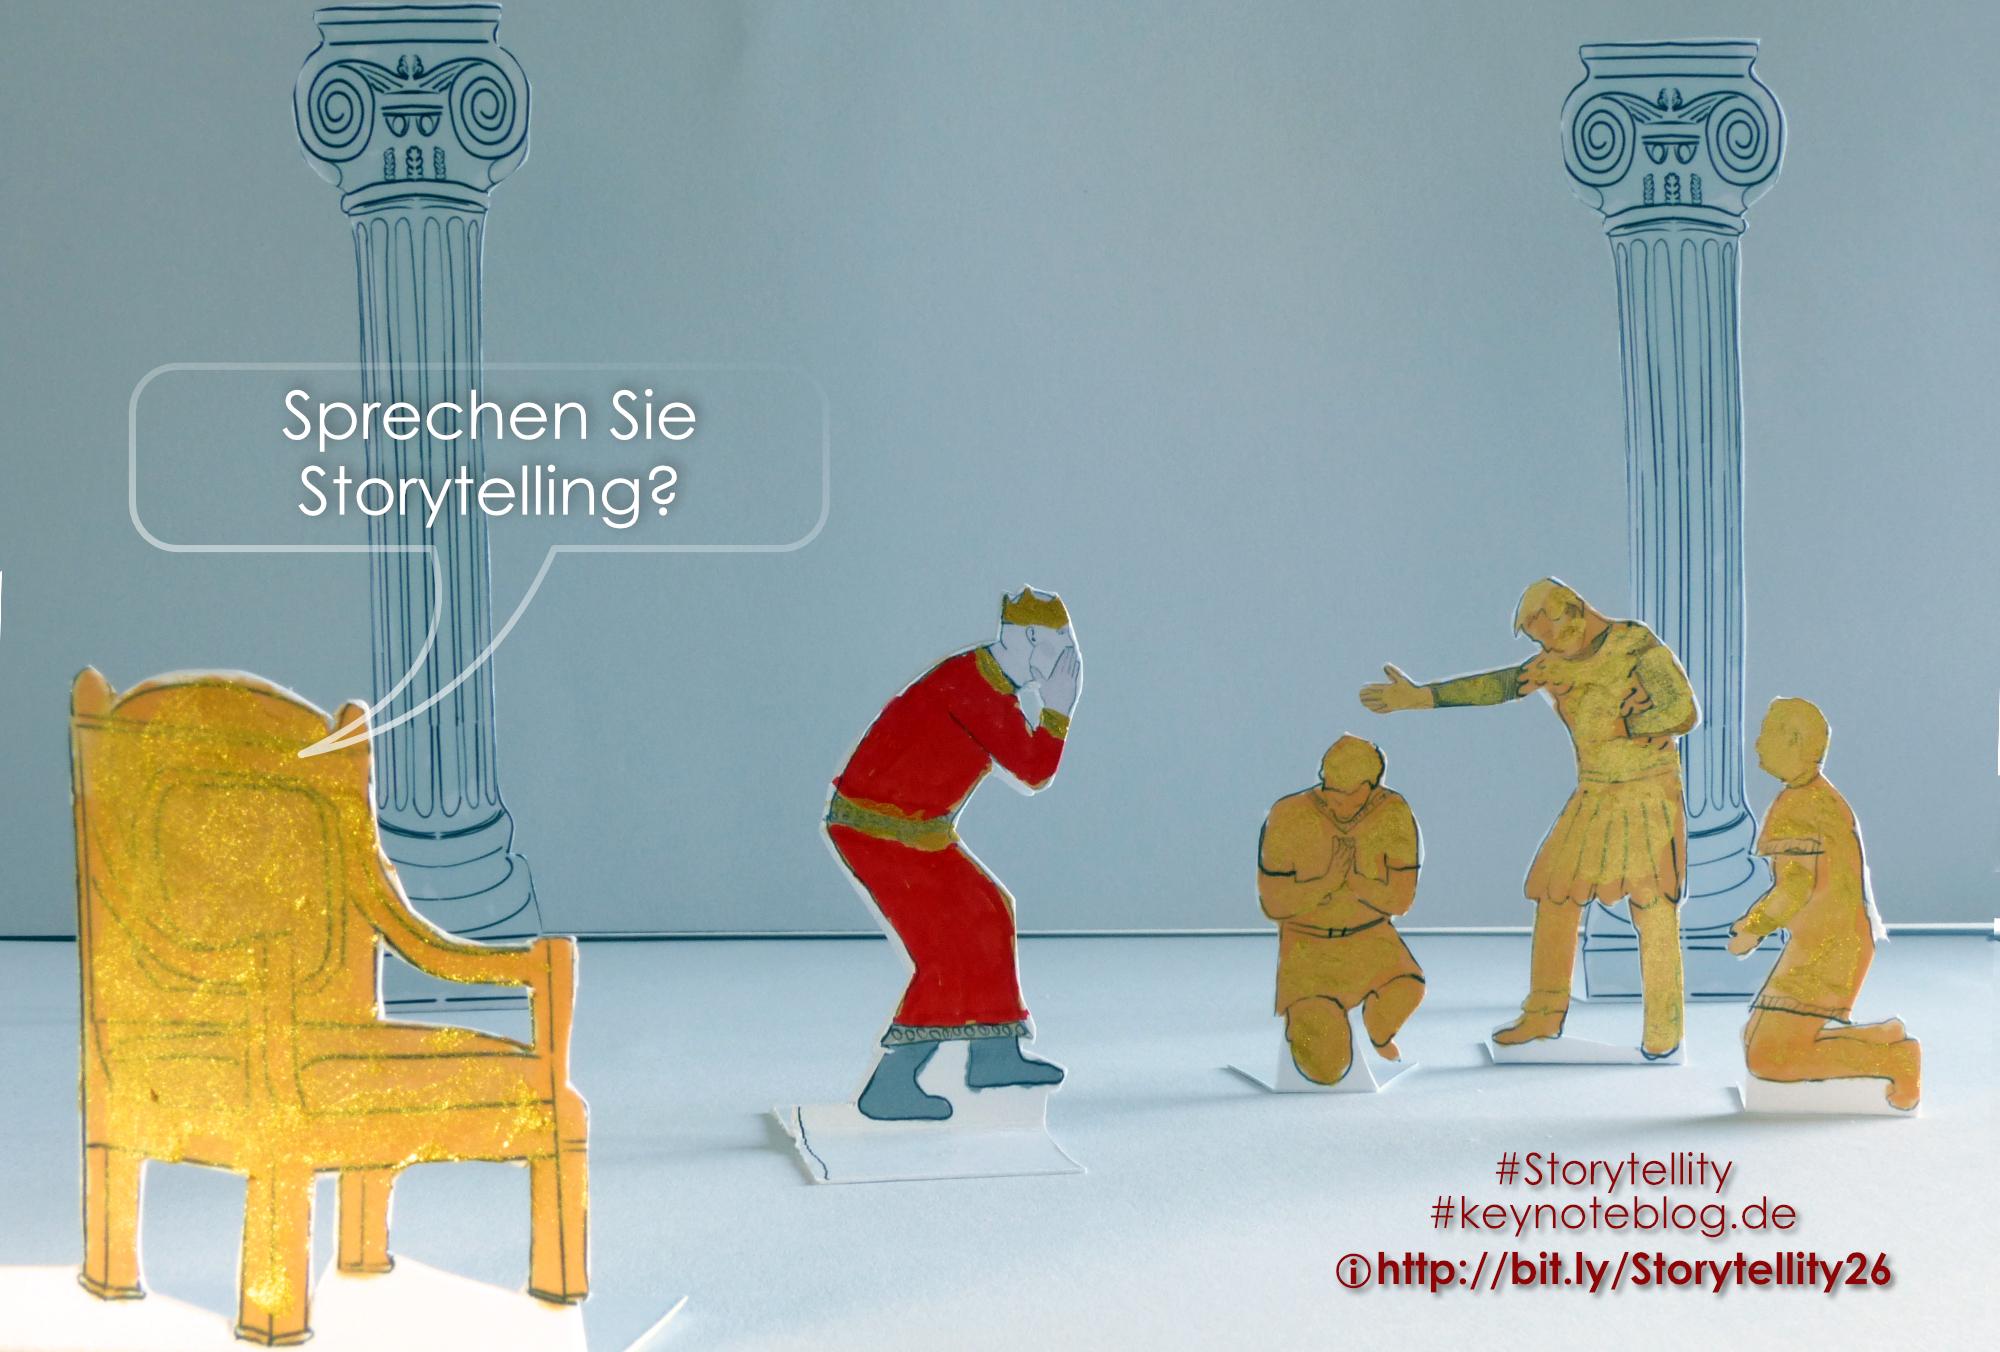 König Midas hat seinen Hofstaat in Gold verwandelt und erkennt den fatalen Fehler, den er gemacht hat